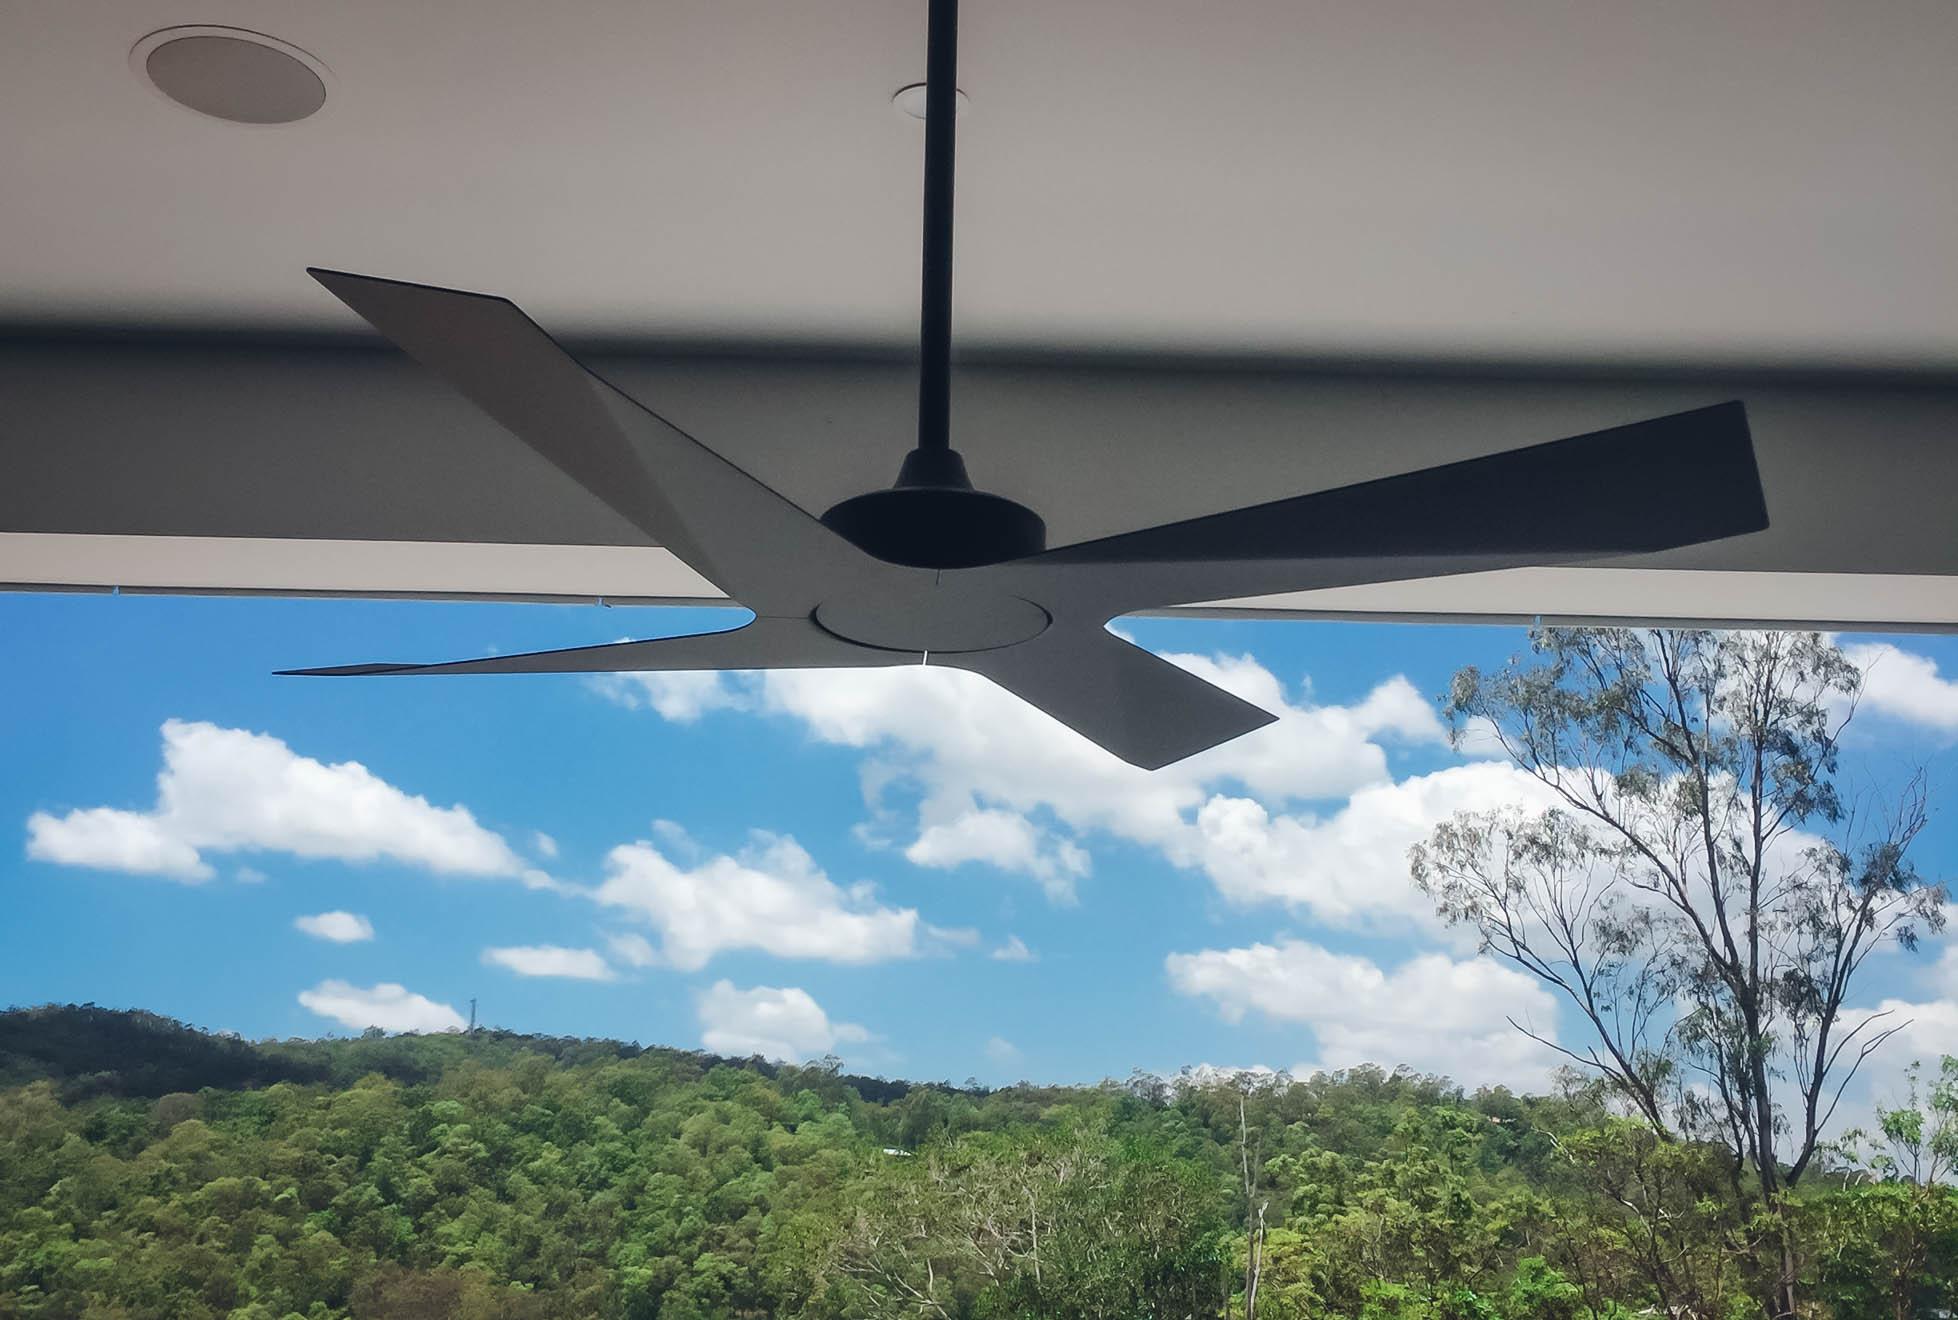 Modn 4 Ceiling Fan 23